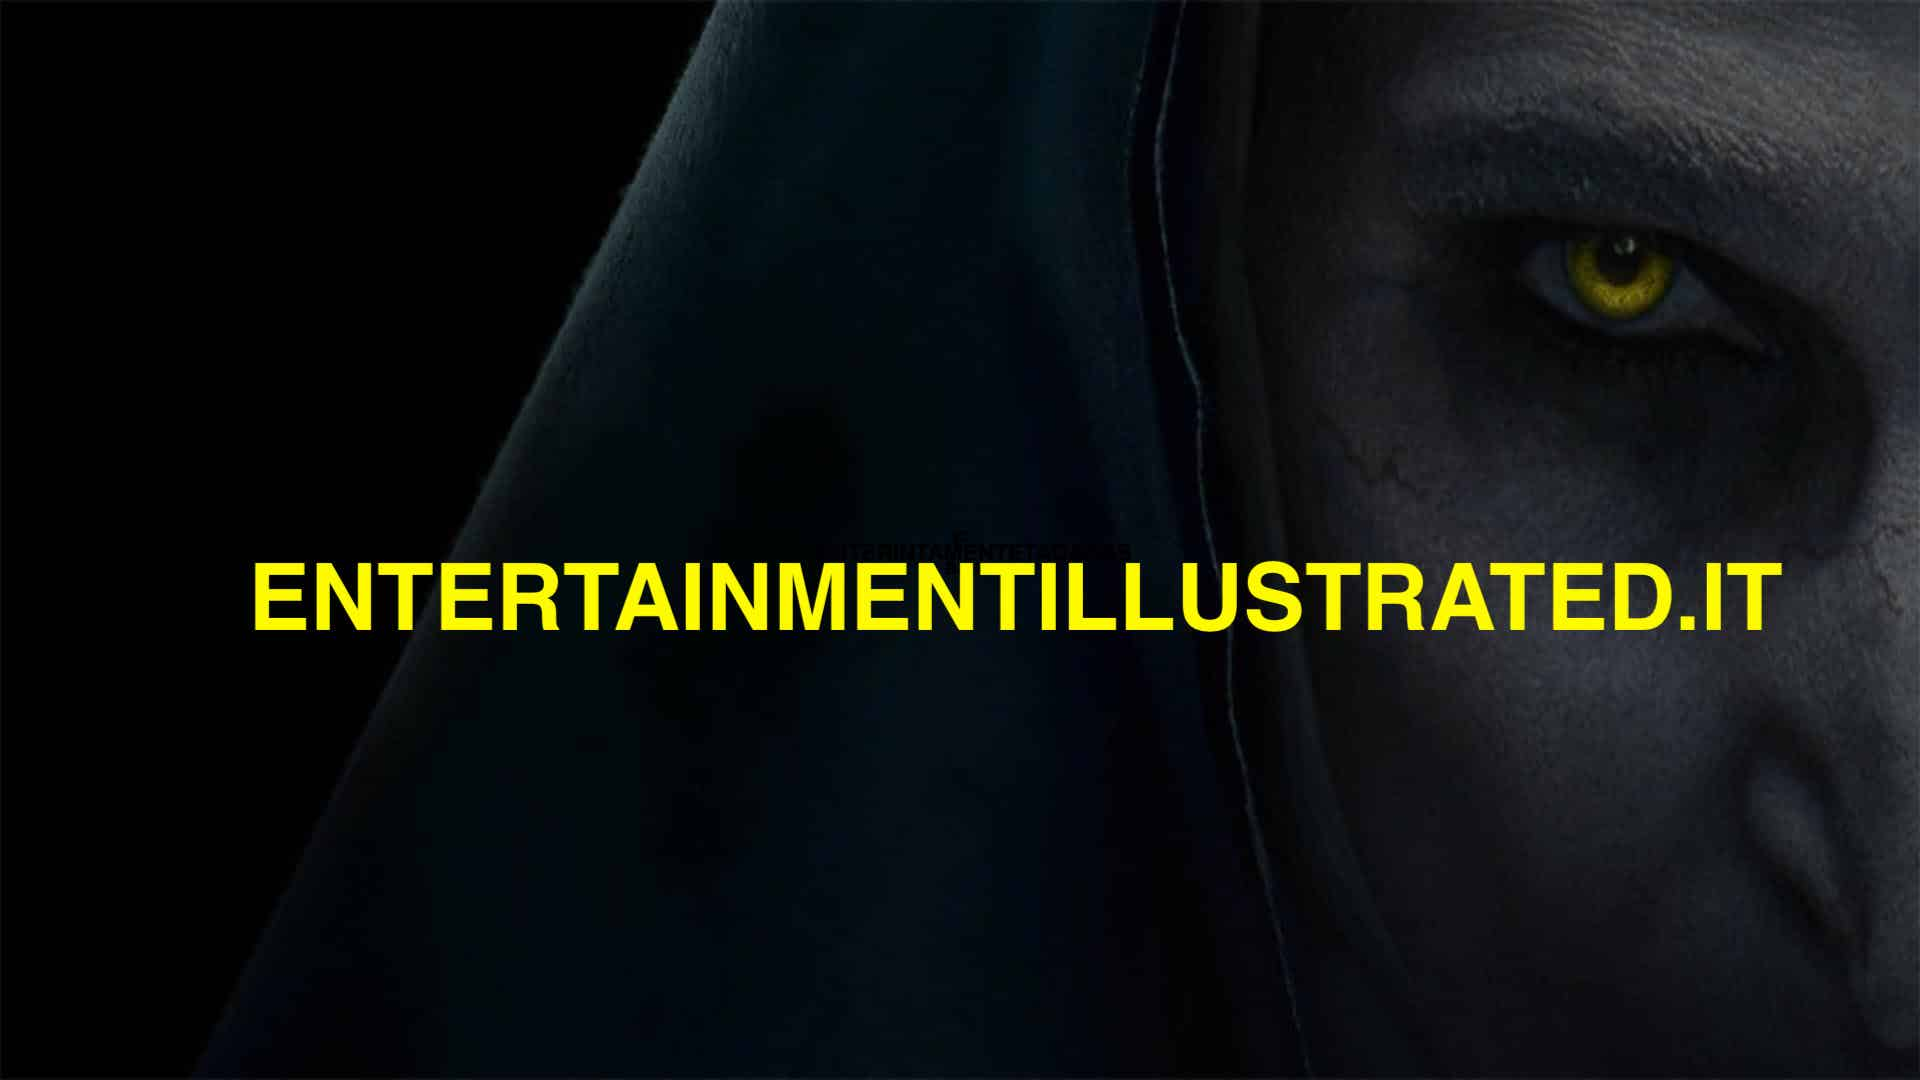 Tra sampietrini, mafia e corruzione: torna Suburra con la seconda stagione